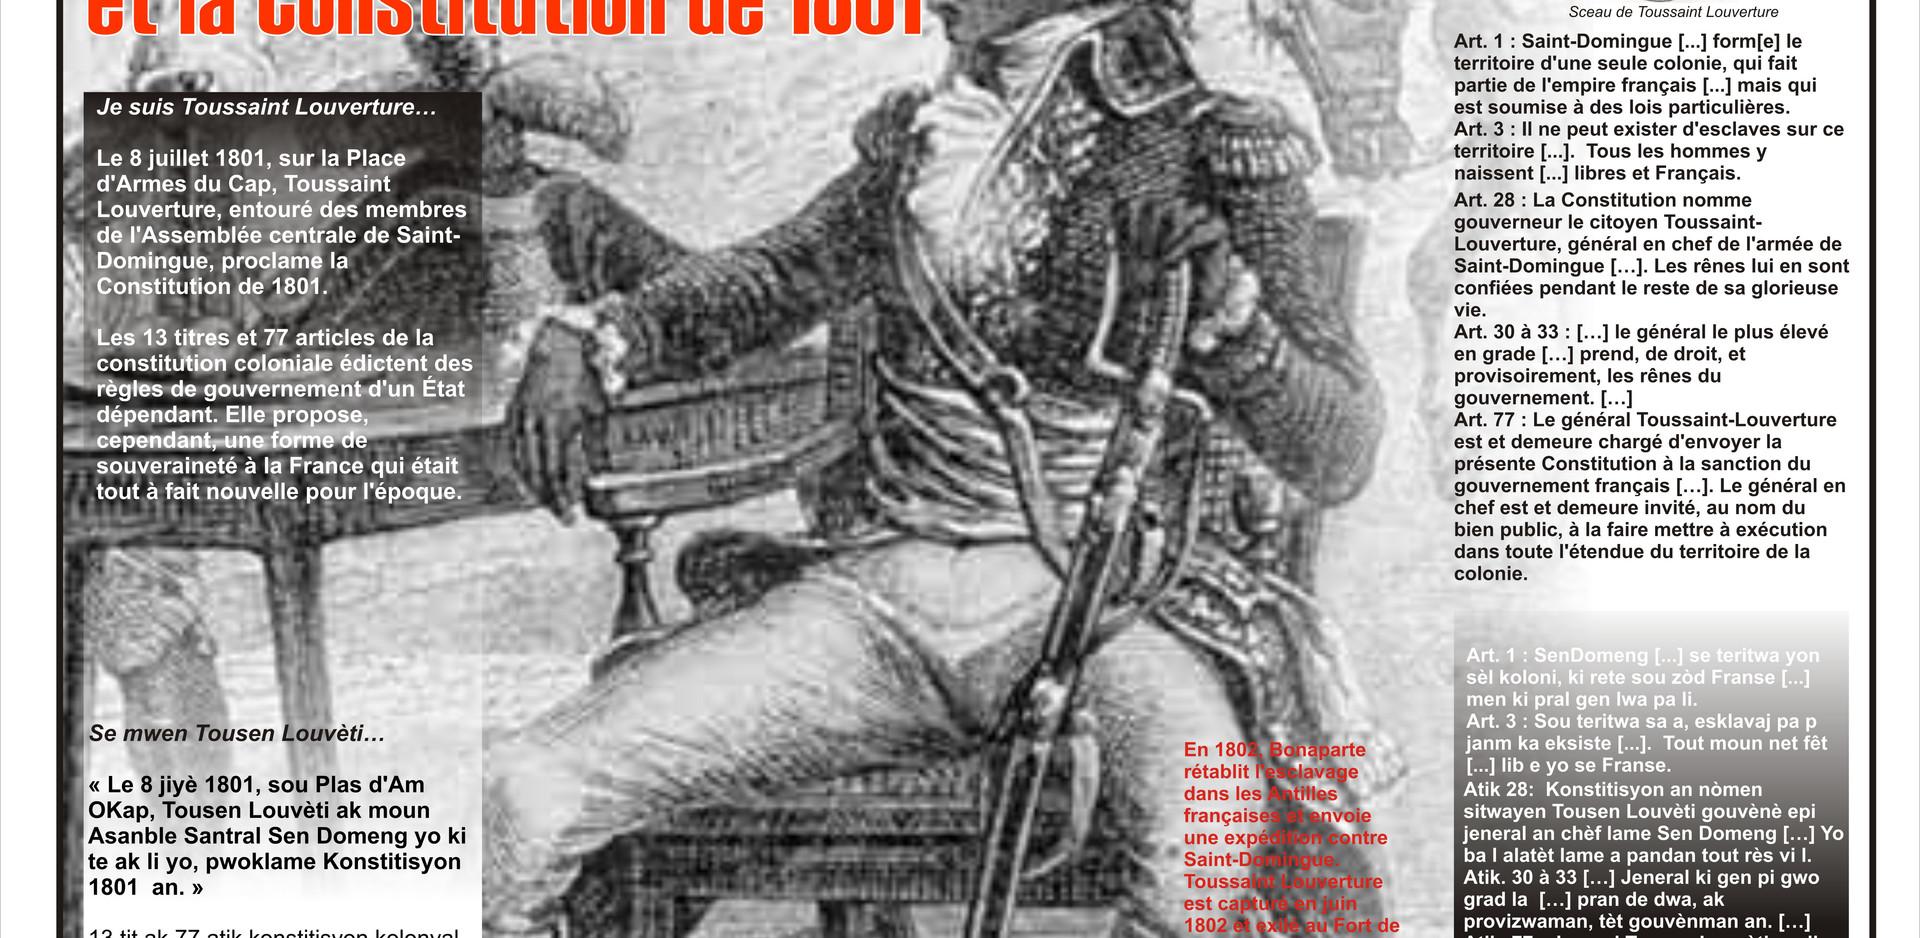 25_toussaint-louverture-constitution.jpg